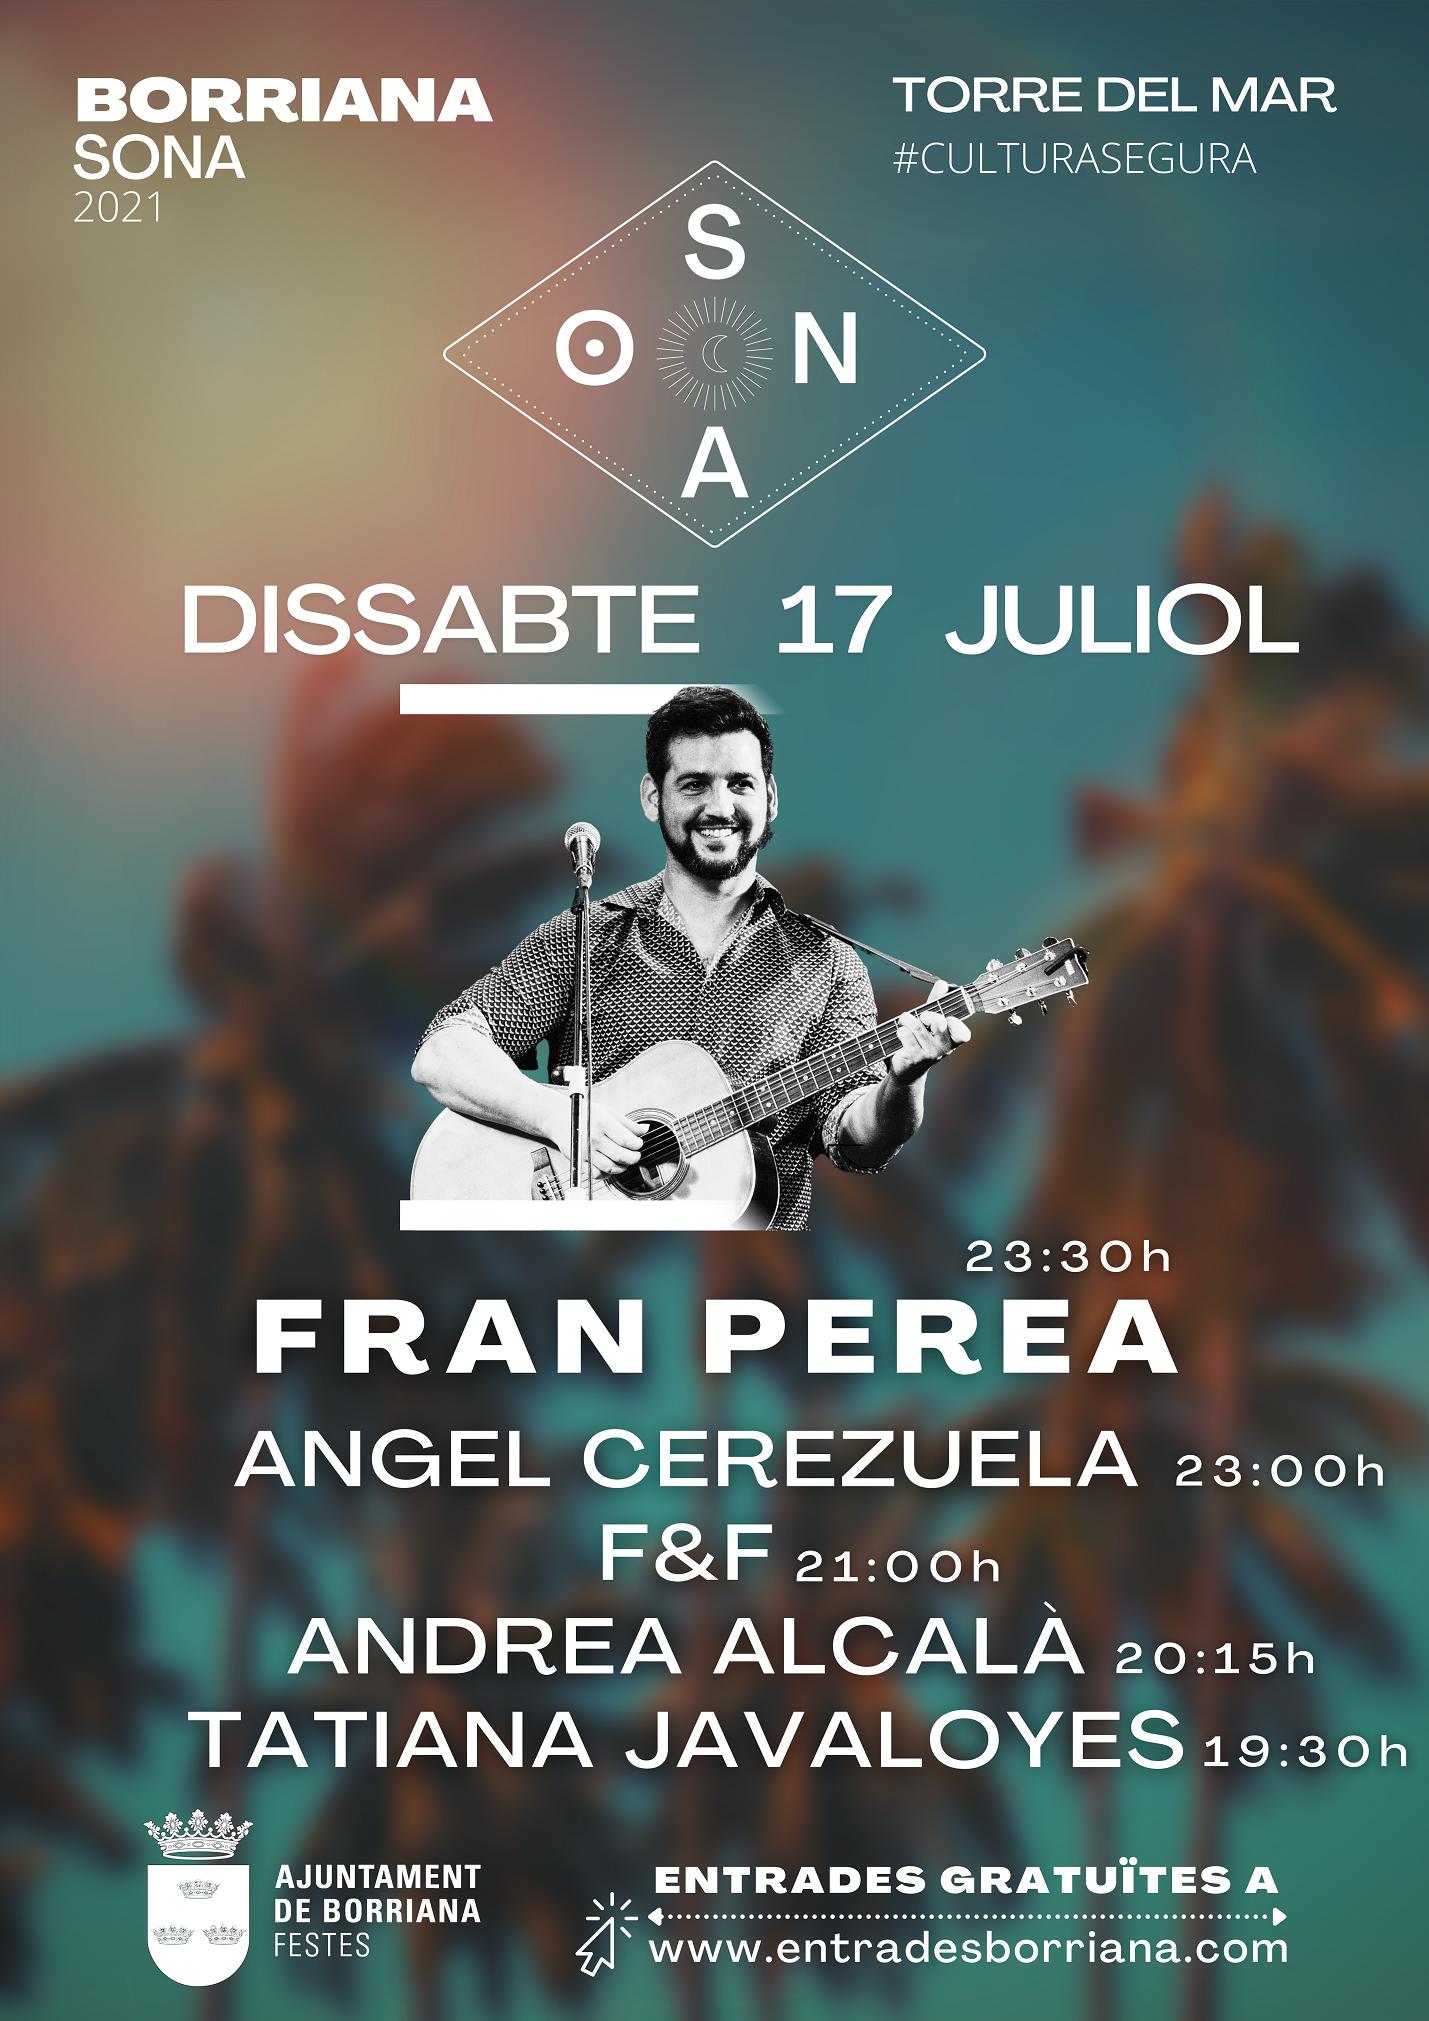 Burriana encara el tercer fin de semana de julio con la última jornada de conciertos del 'Borriana Sona', monólogos y espectáculos de magia